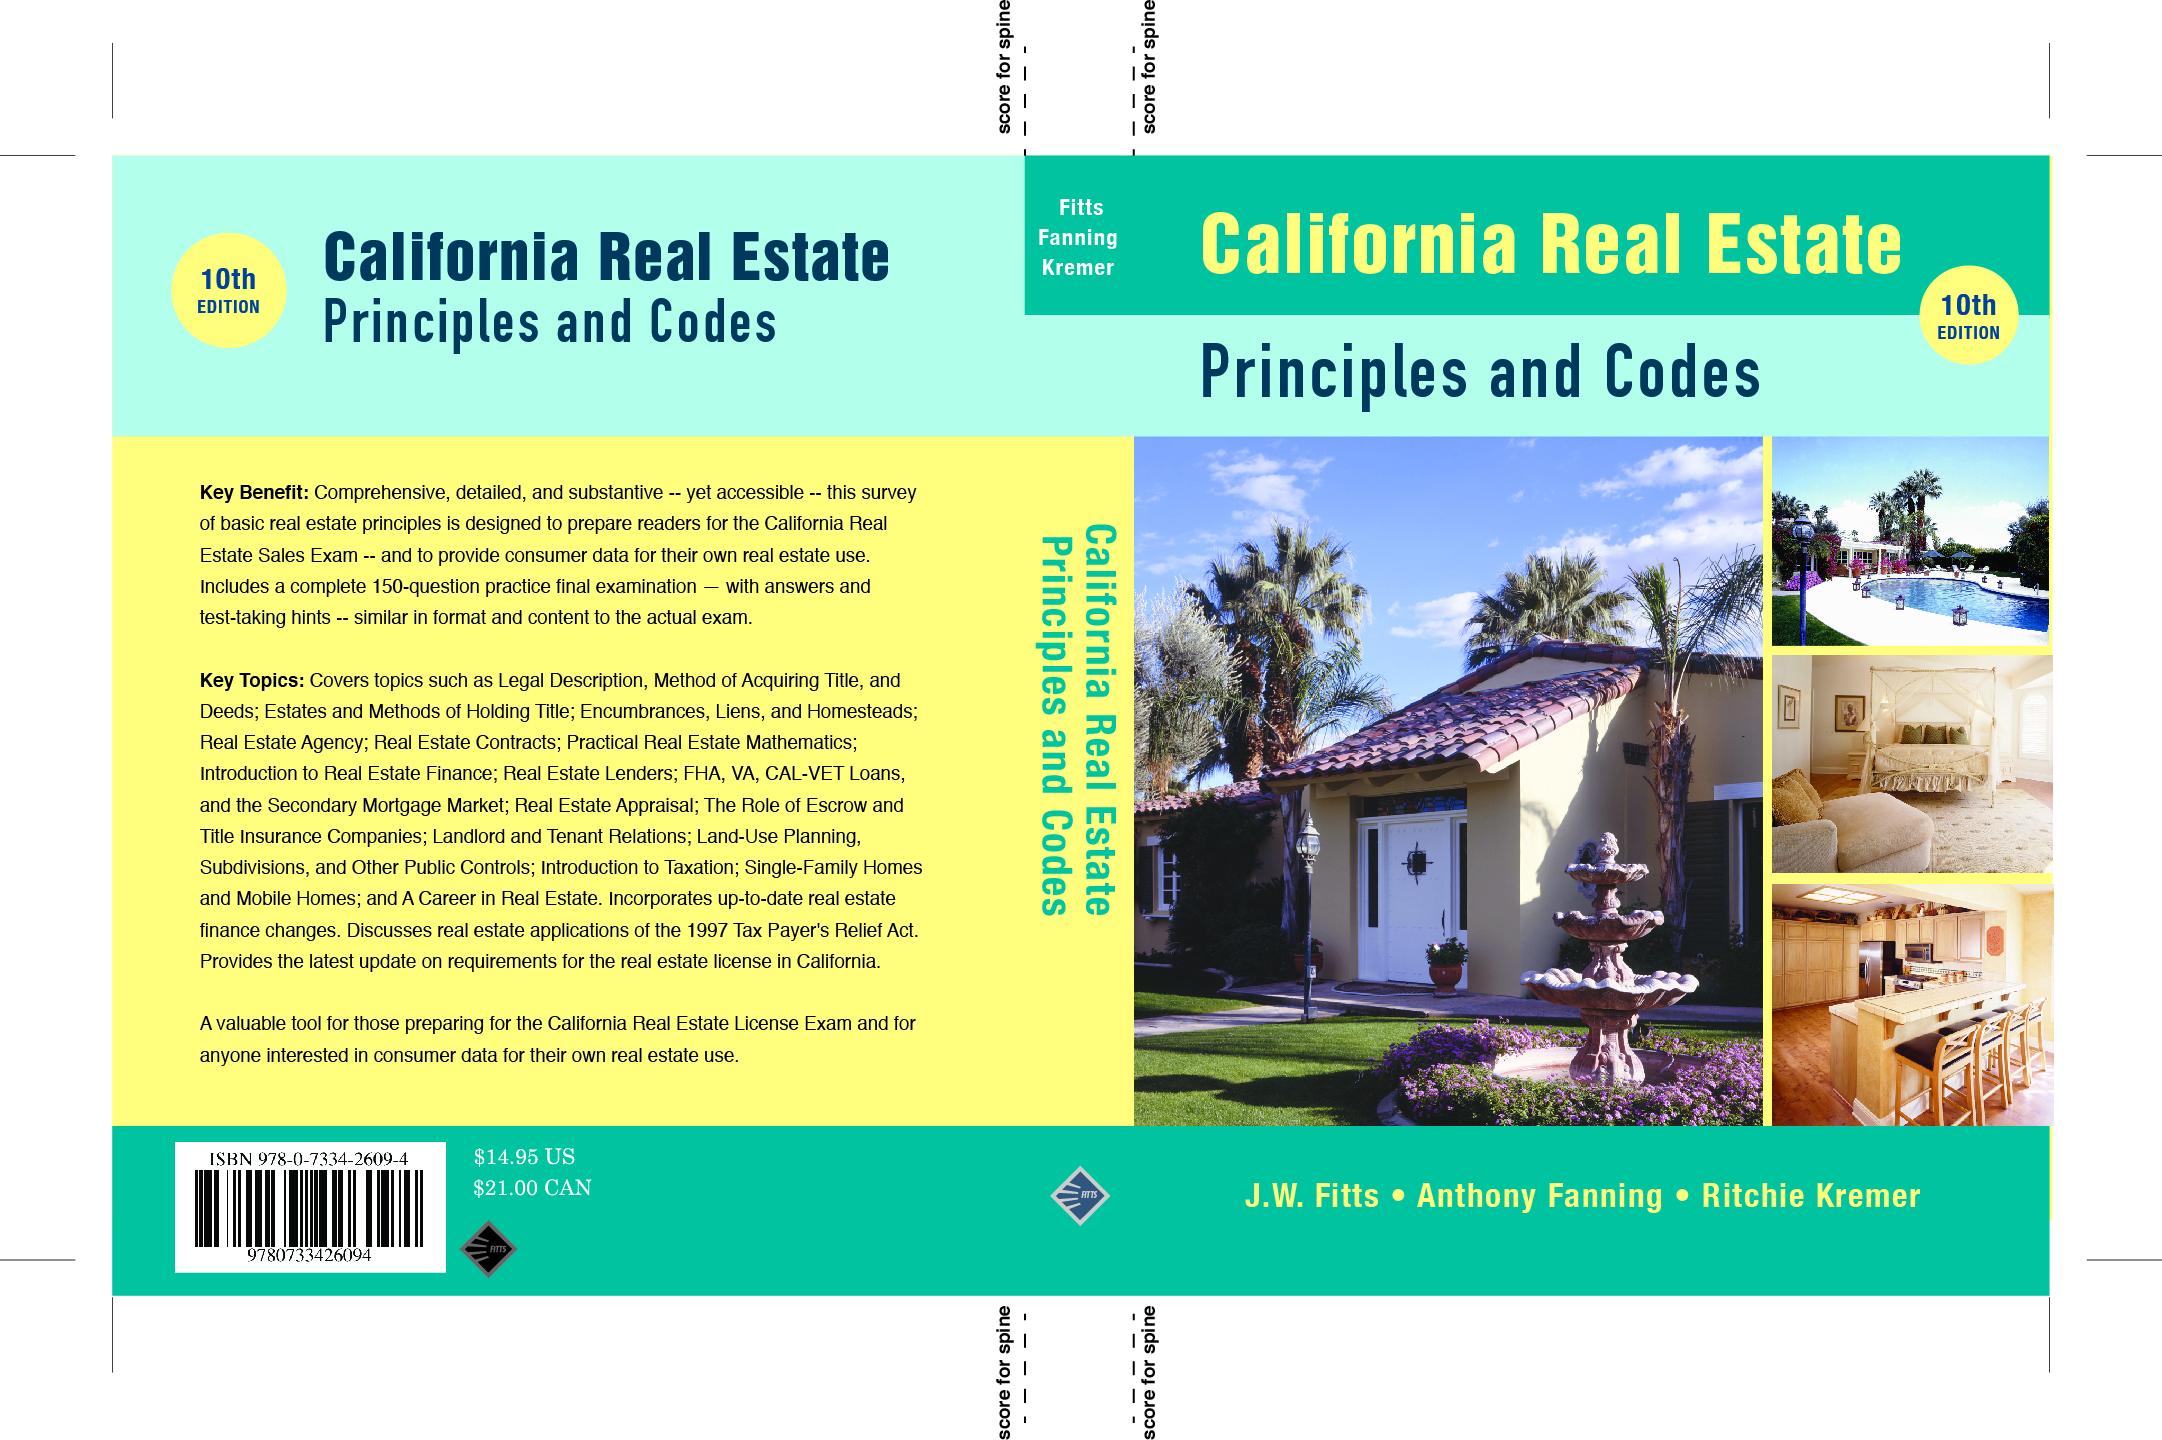 NN_realestate_book.jpg